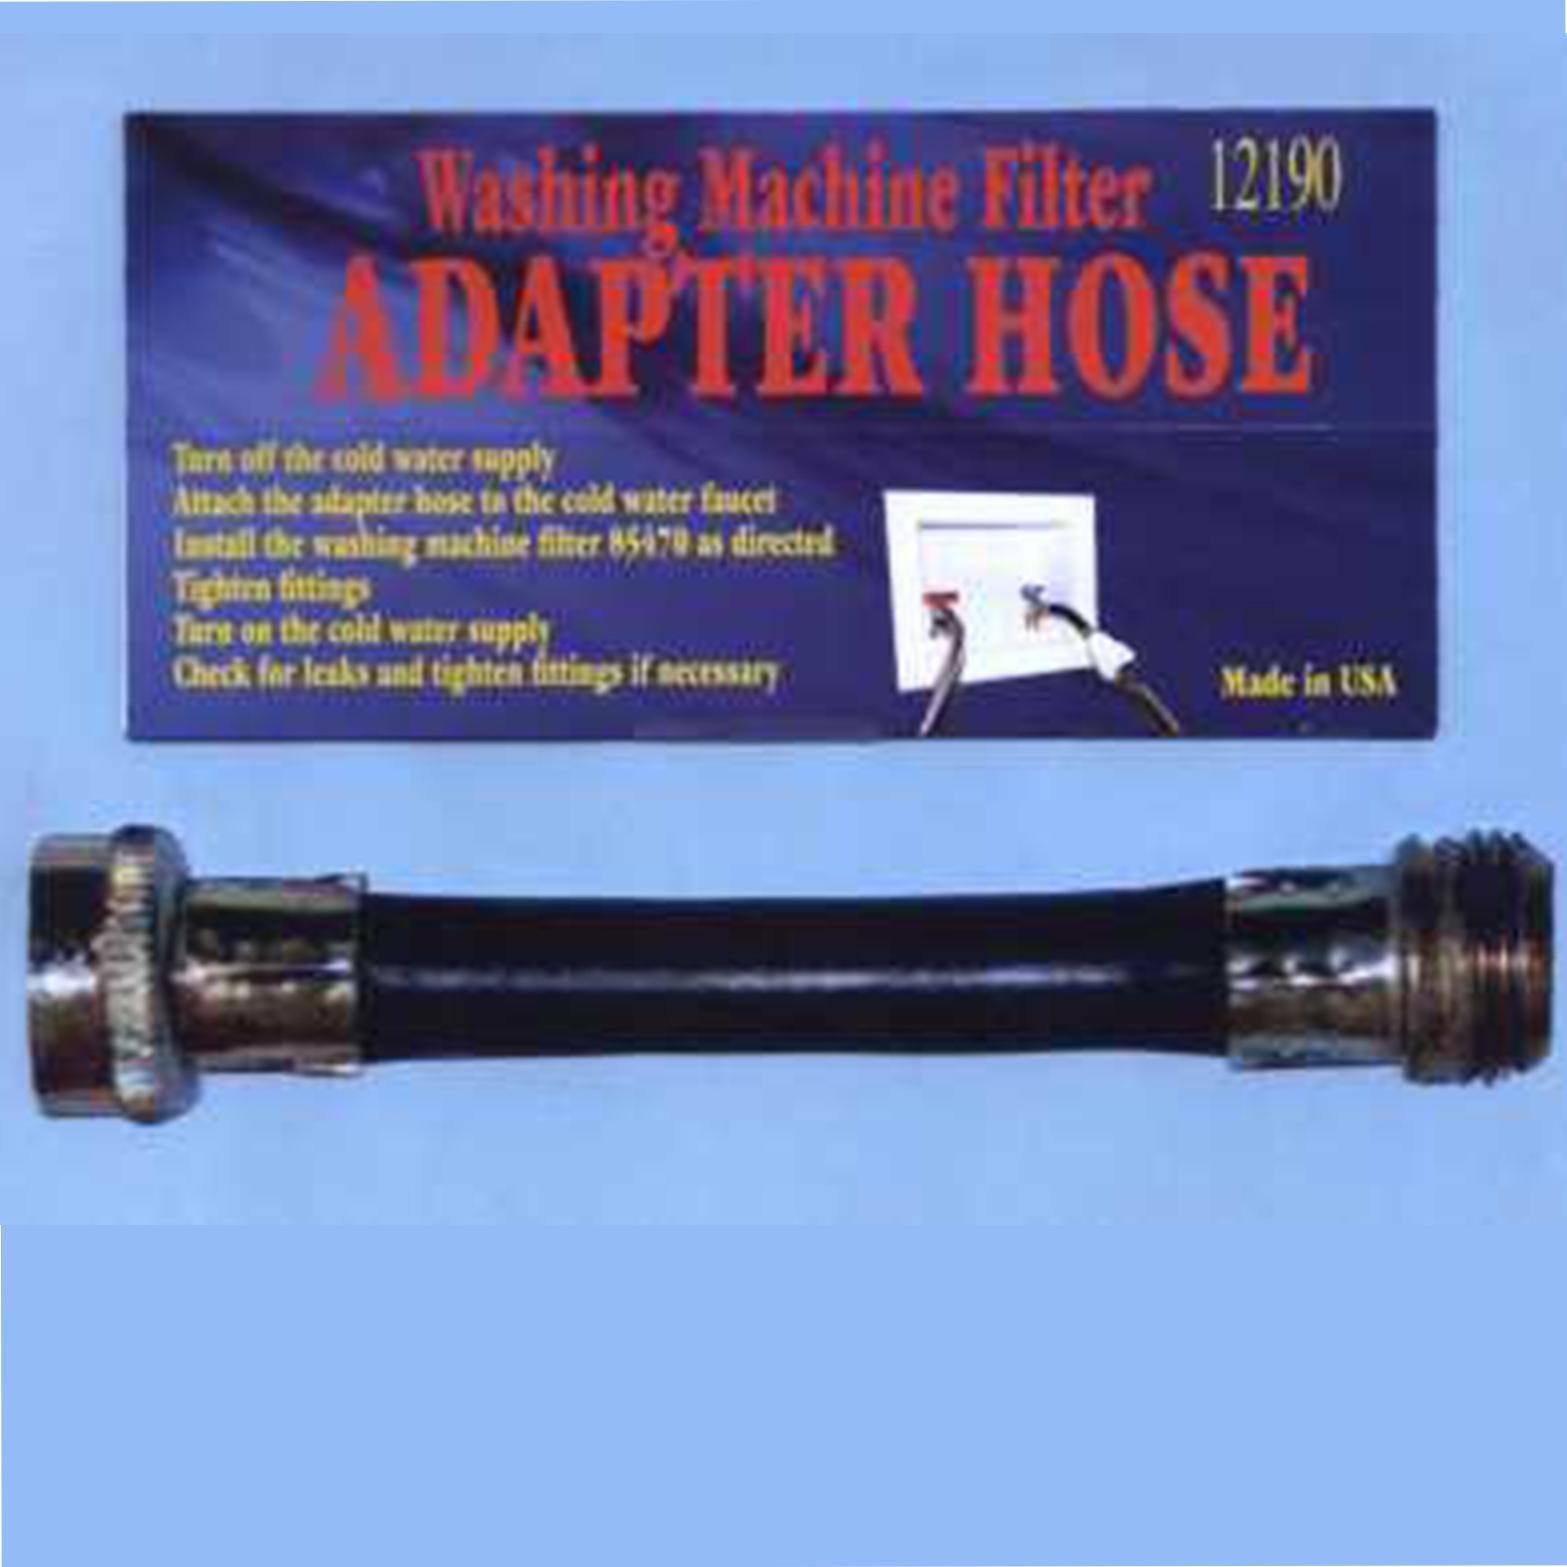 Adapterhose on Garden Hose Inline Filter